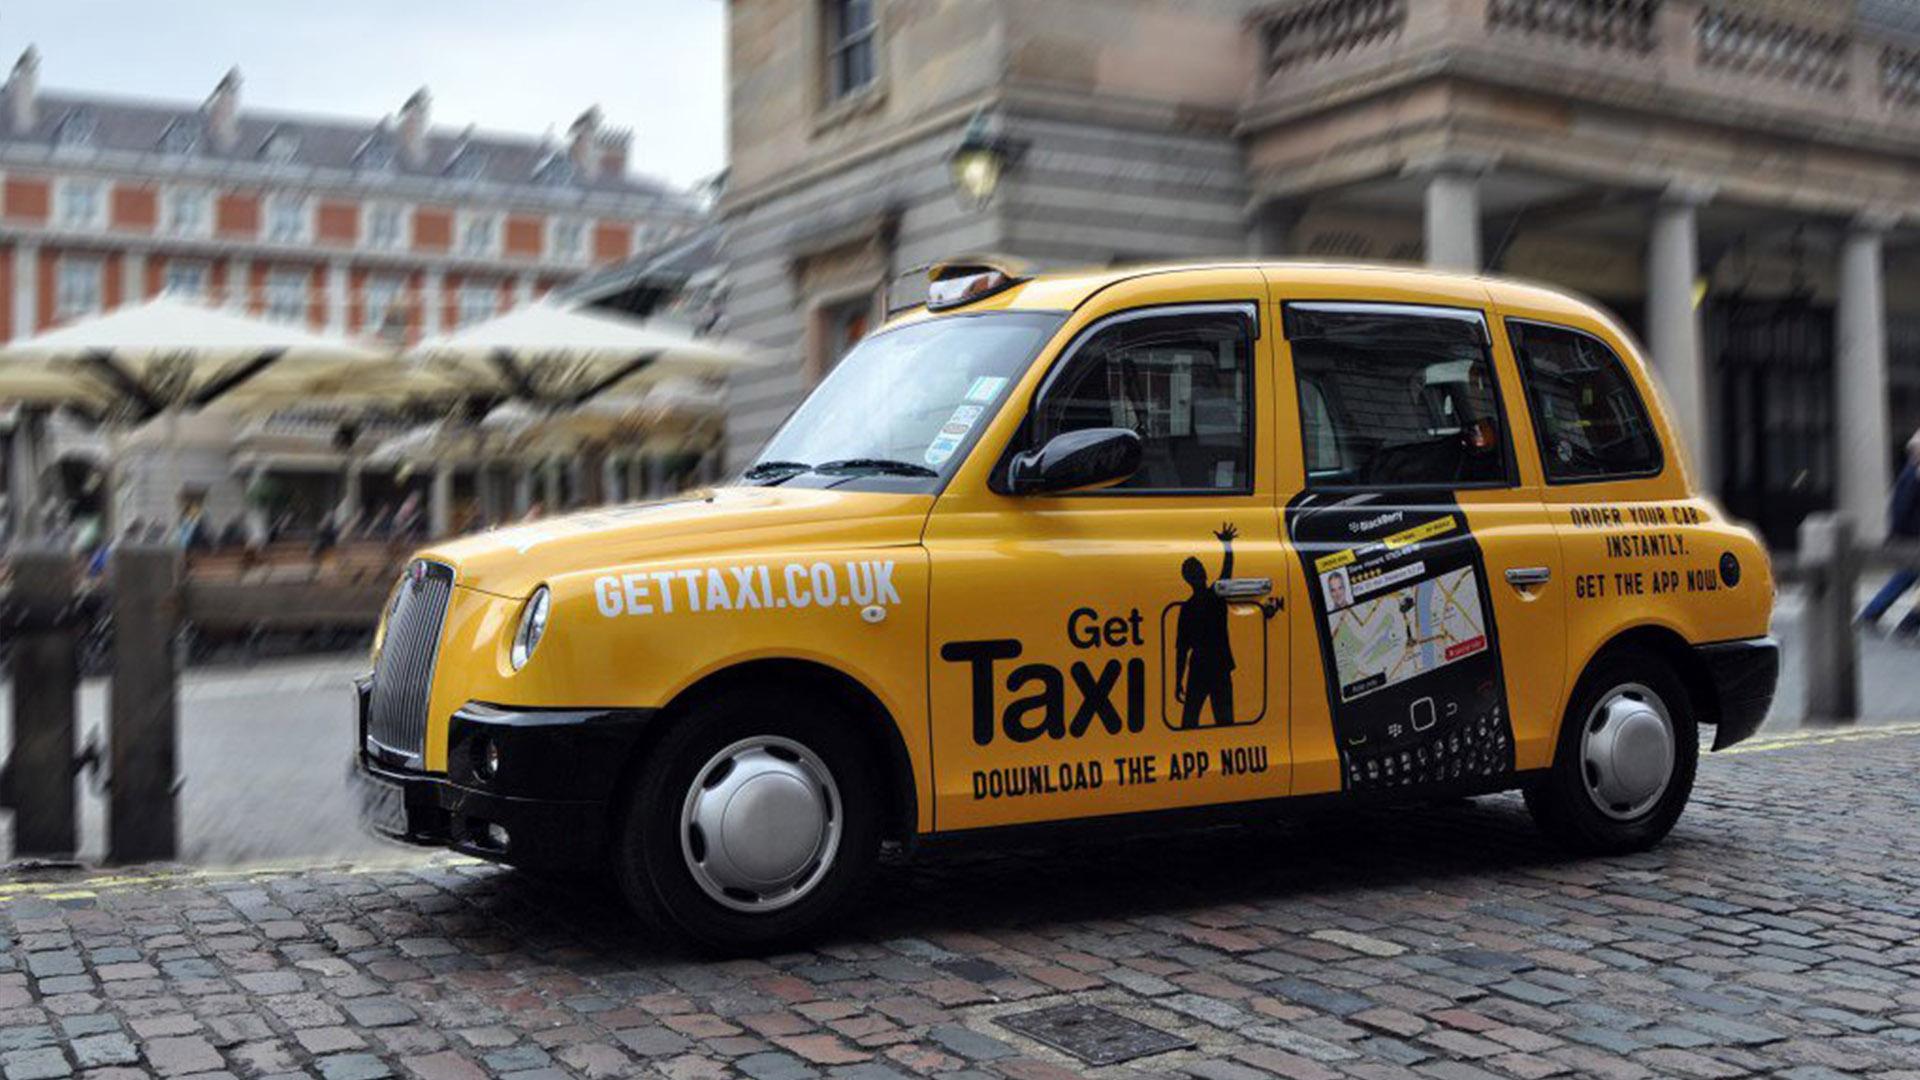 Британская технологическая компания Gett заключила партнерство с американским такси Curb